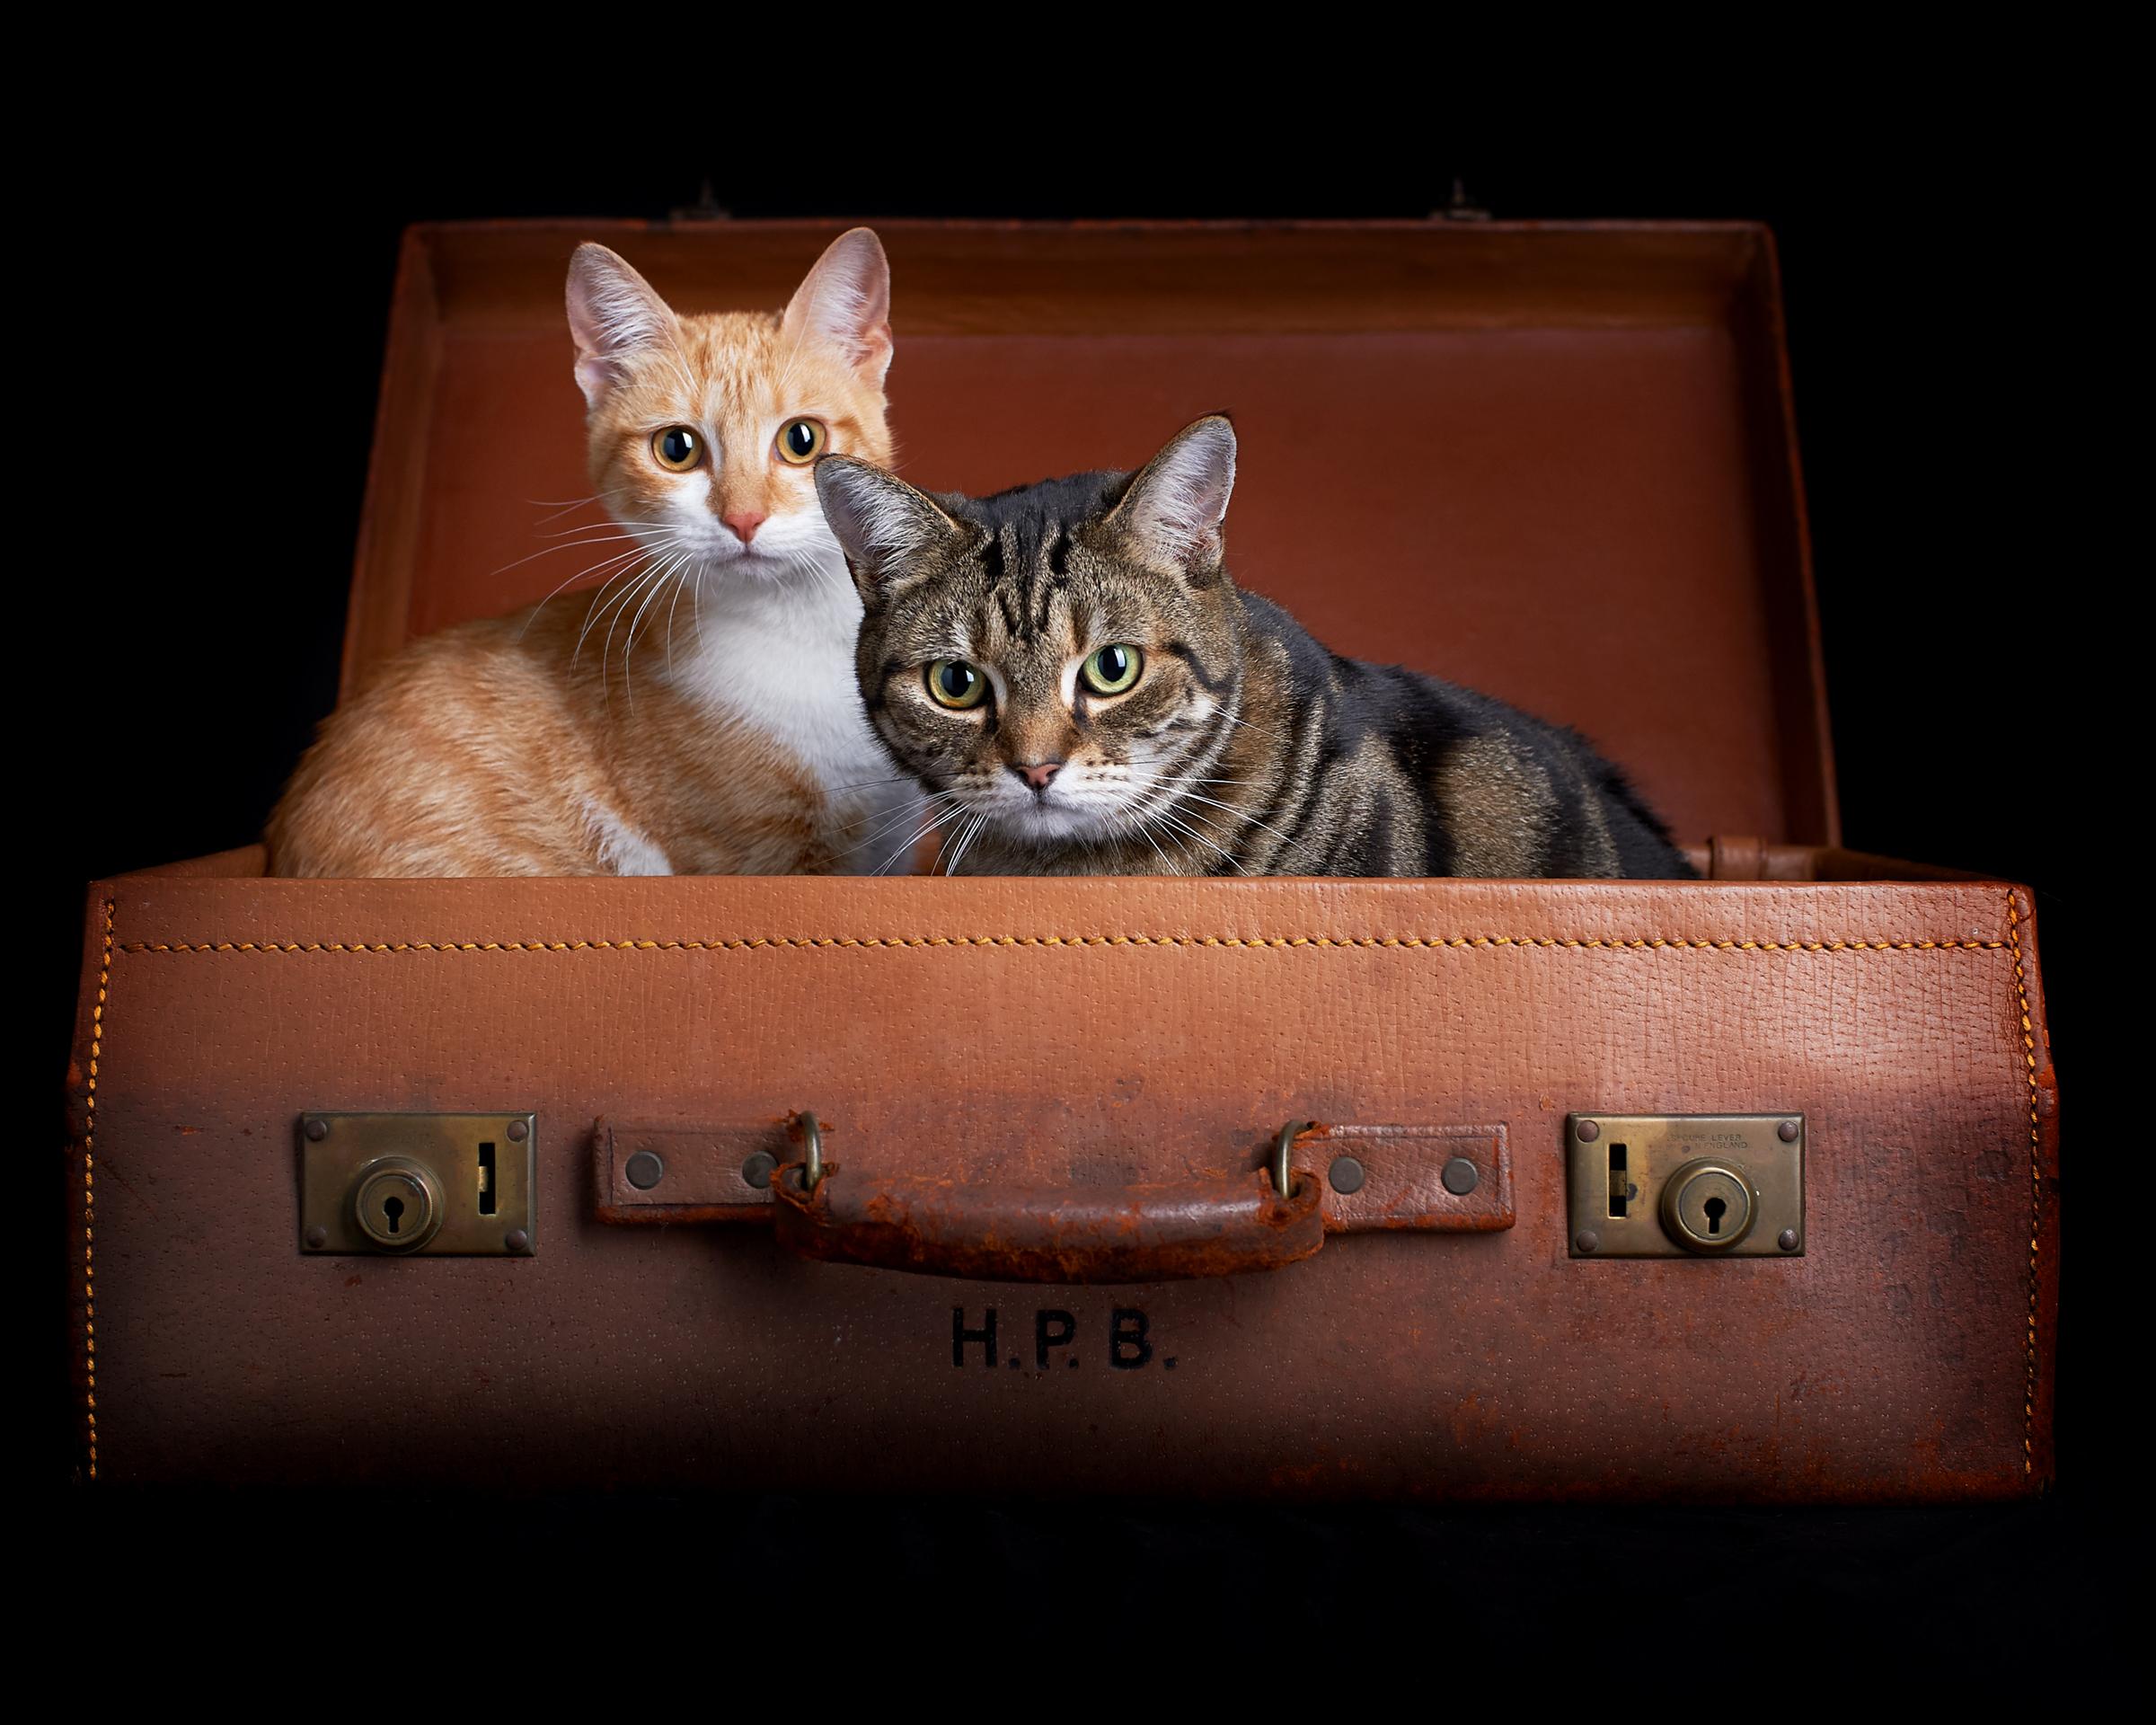 suitcase_cat_four_paws_portrait_pet_photography